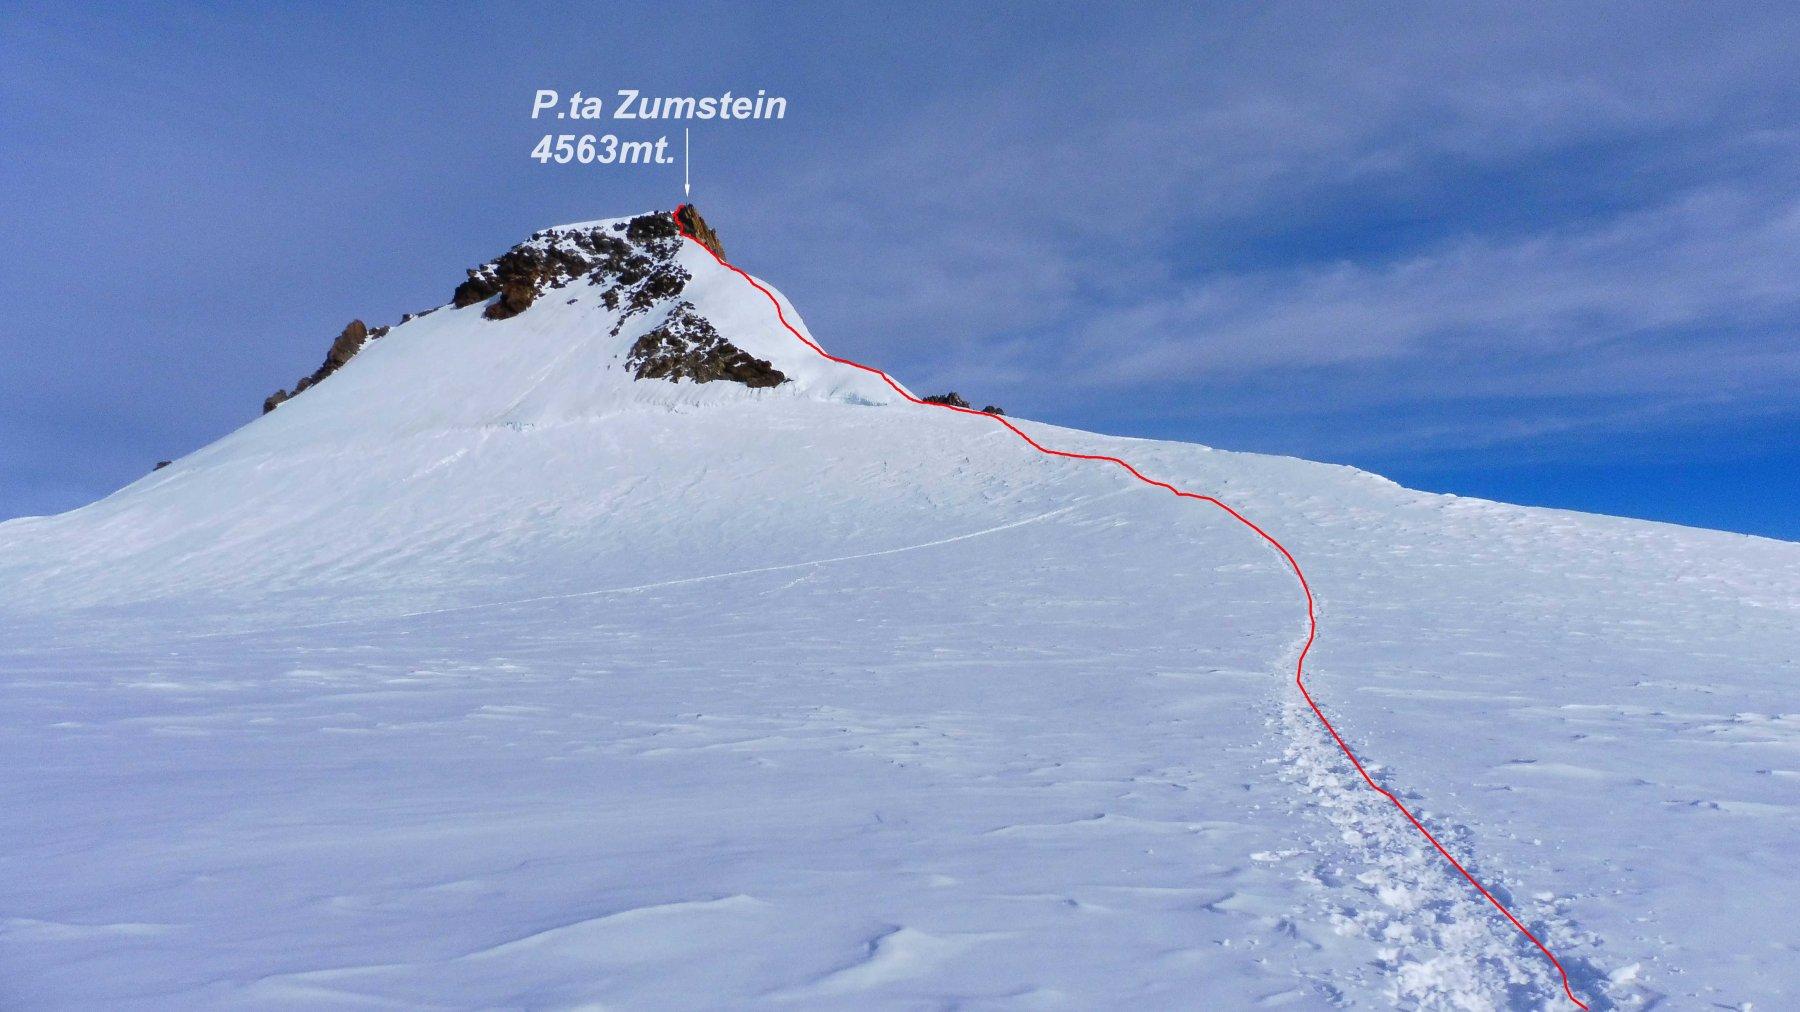 In rosso la traccia finale per la P.ta Zumstein.